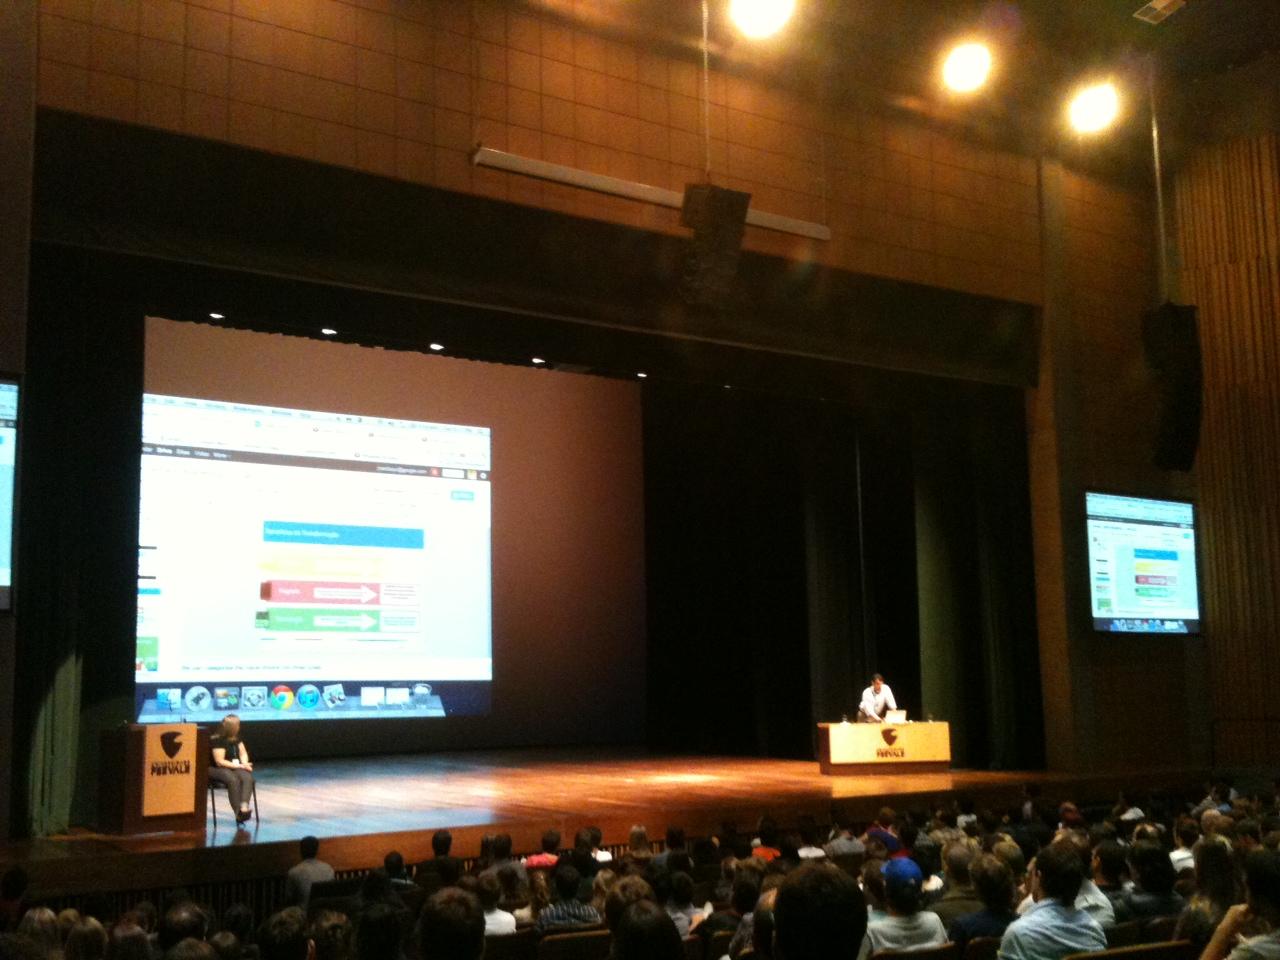 semana academica icet 2012 inovacao na velocidade da web o futuro das corporacoes hoje